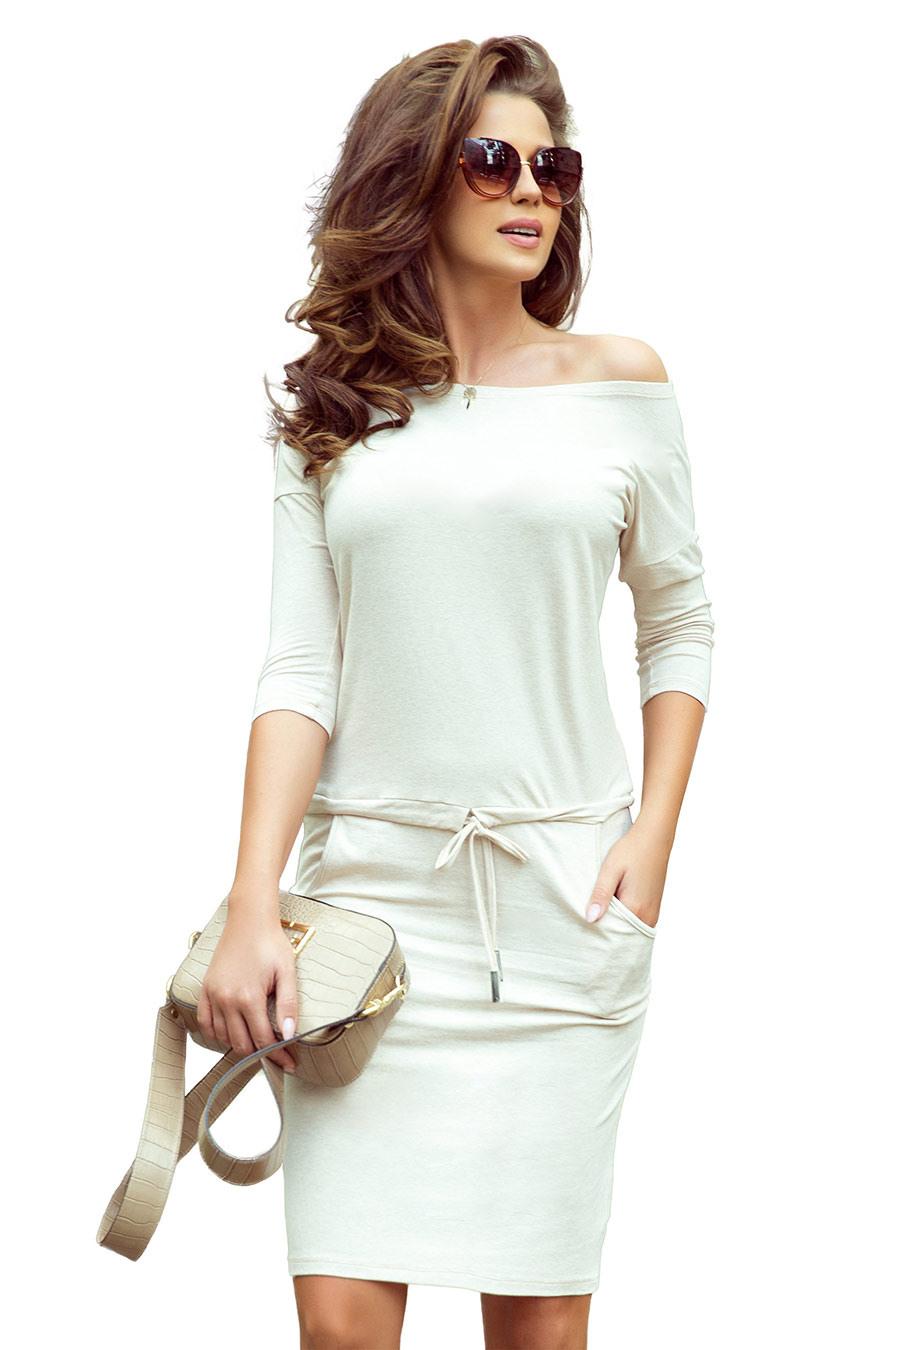 13109 Sportliches Kleid  Beige Melange  Numoco De